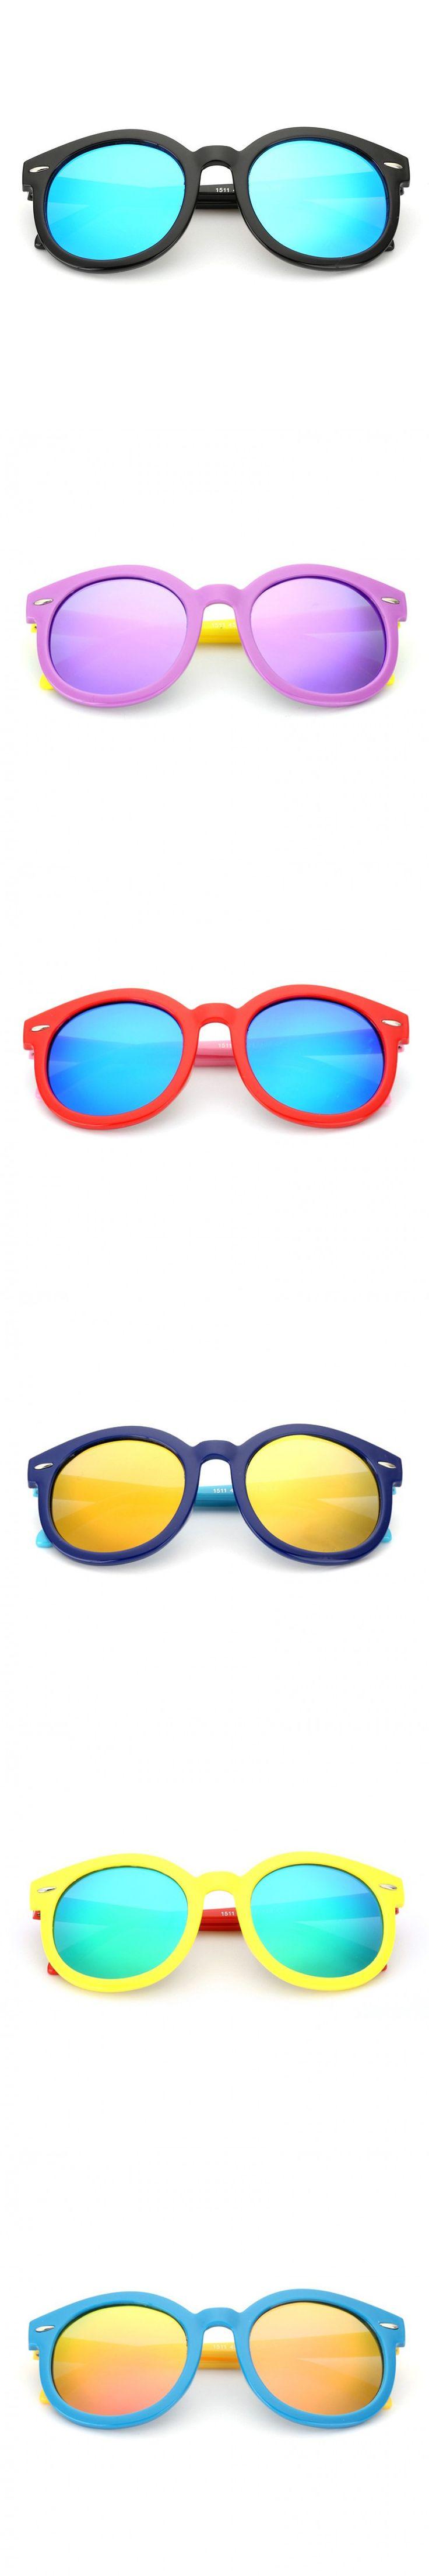 New 2016 Supper Light Mutil Color Polarized Kids Sunglasses Flexible Frame Children UV400 Sports Sun Glasses Boys Girls Eyewear